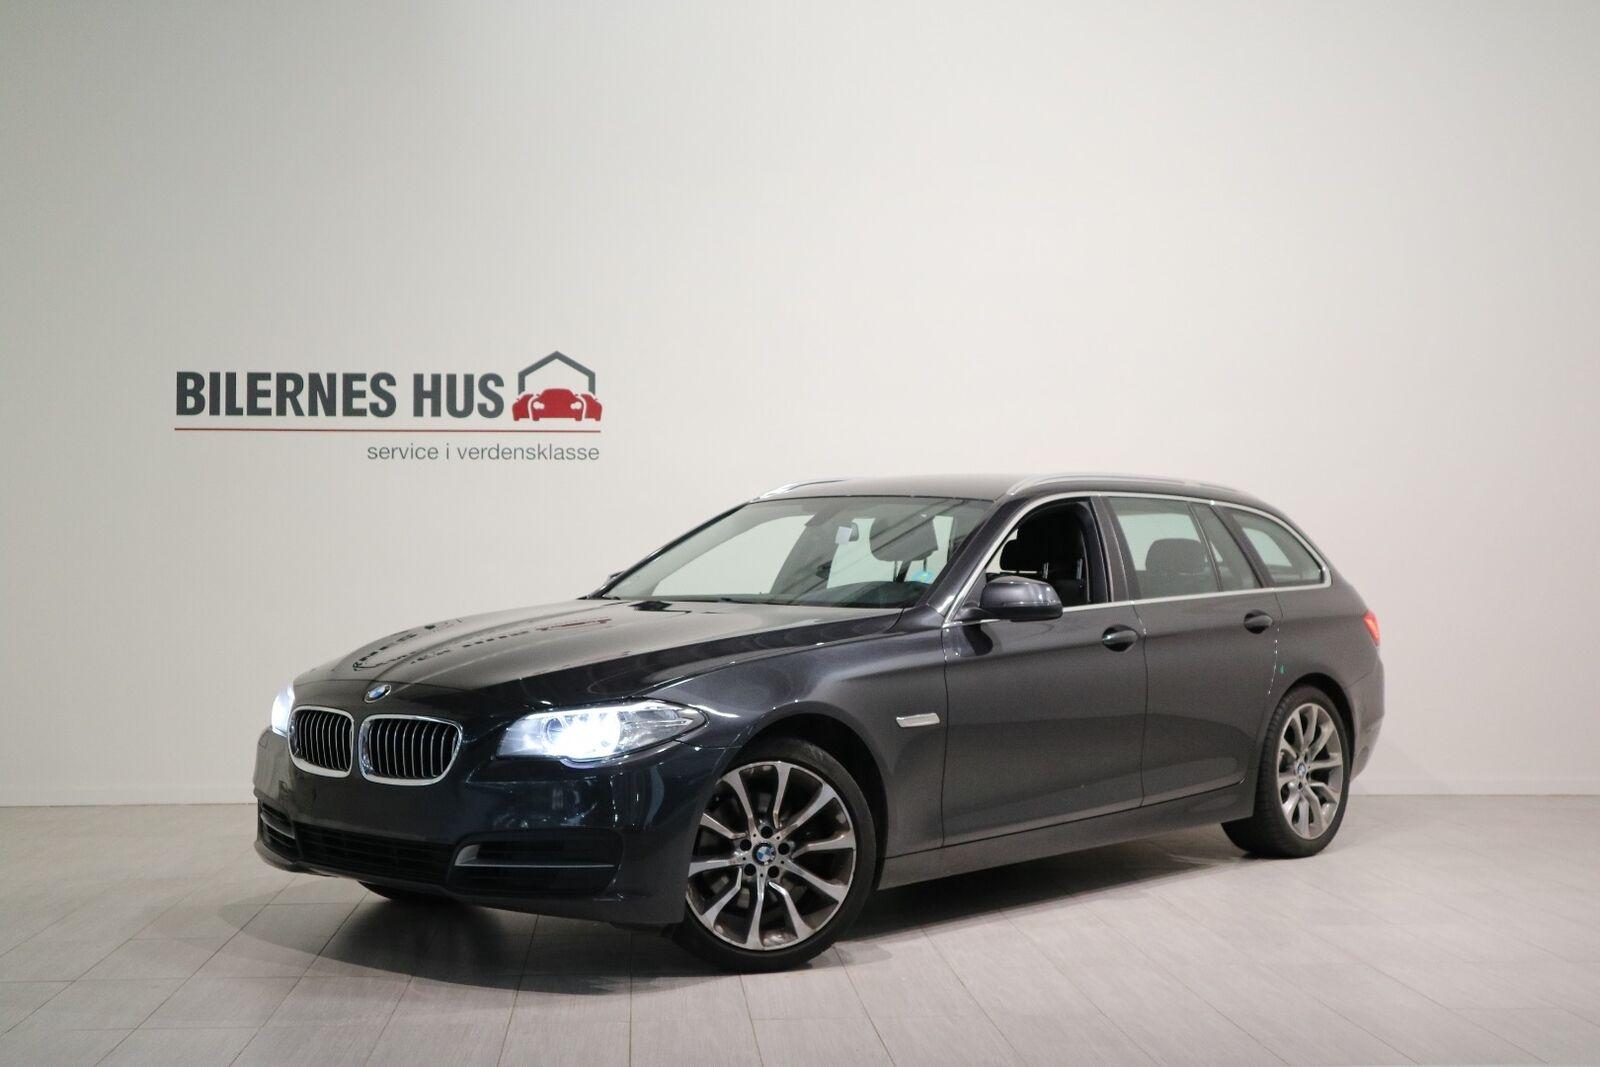 BMW 520d Billede 6